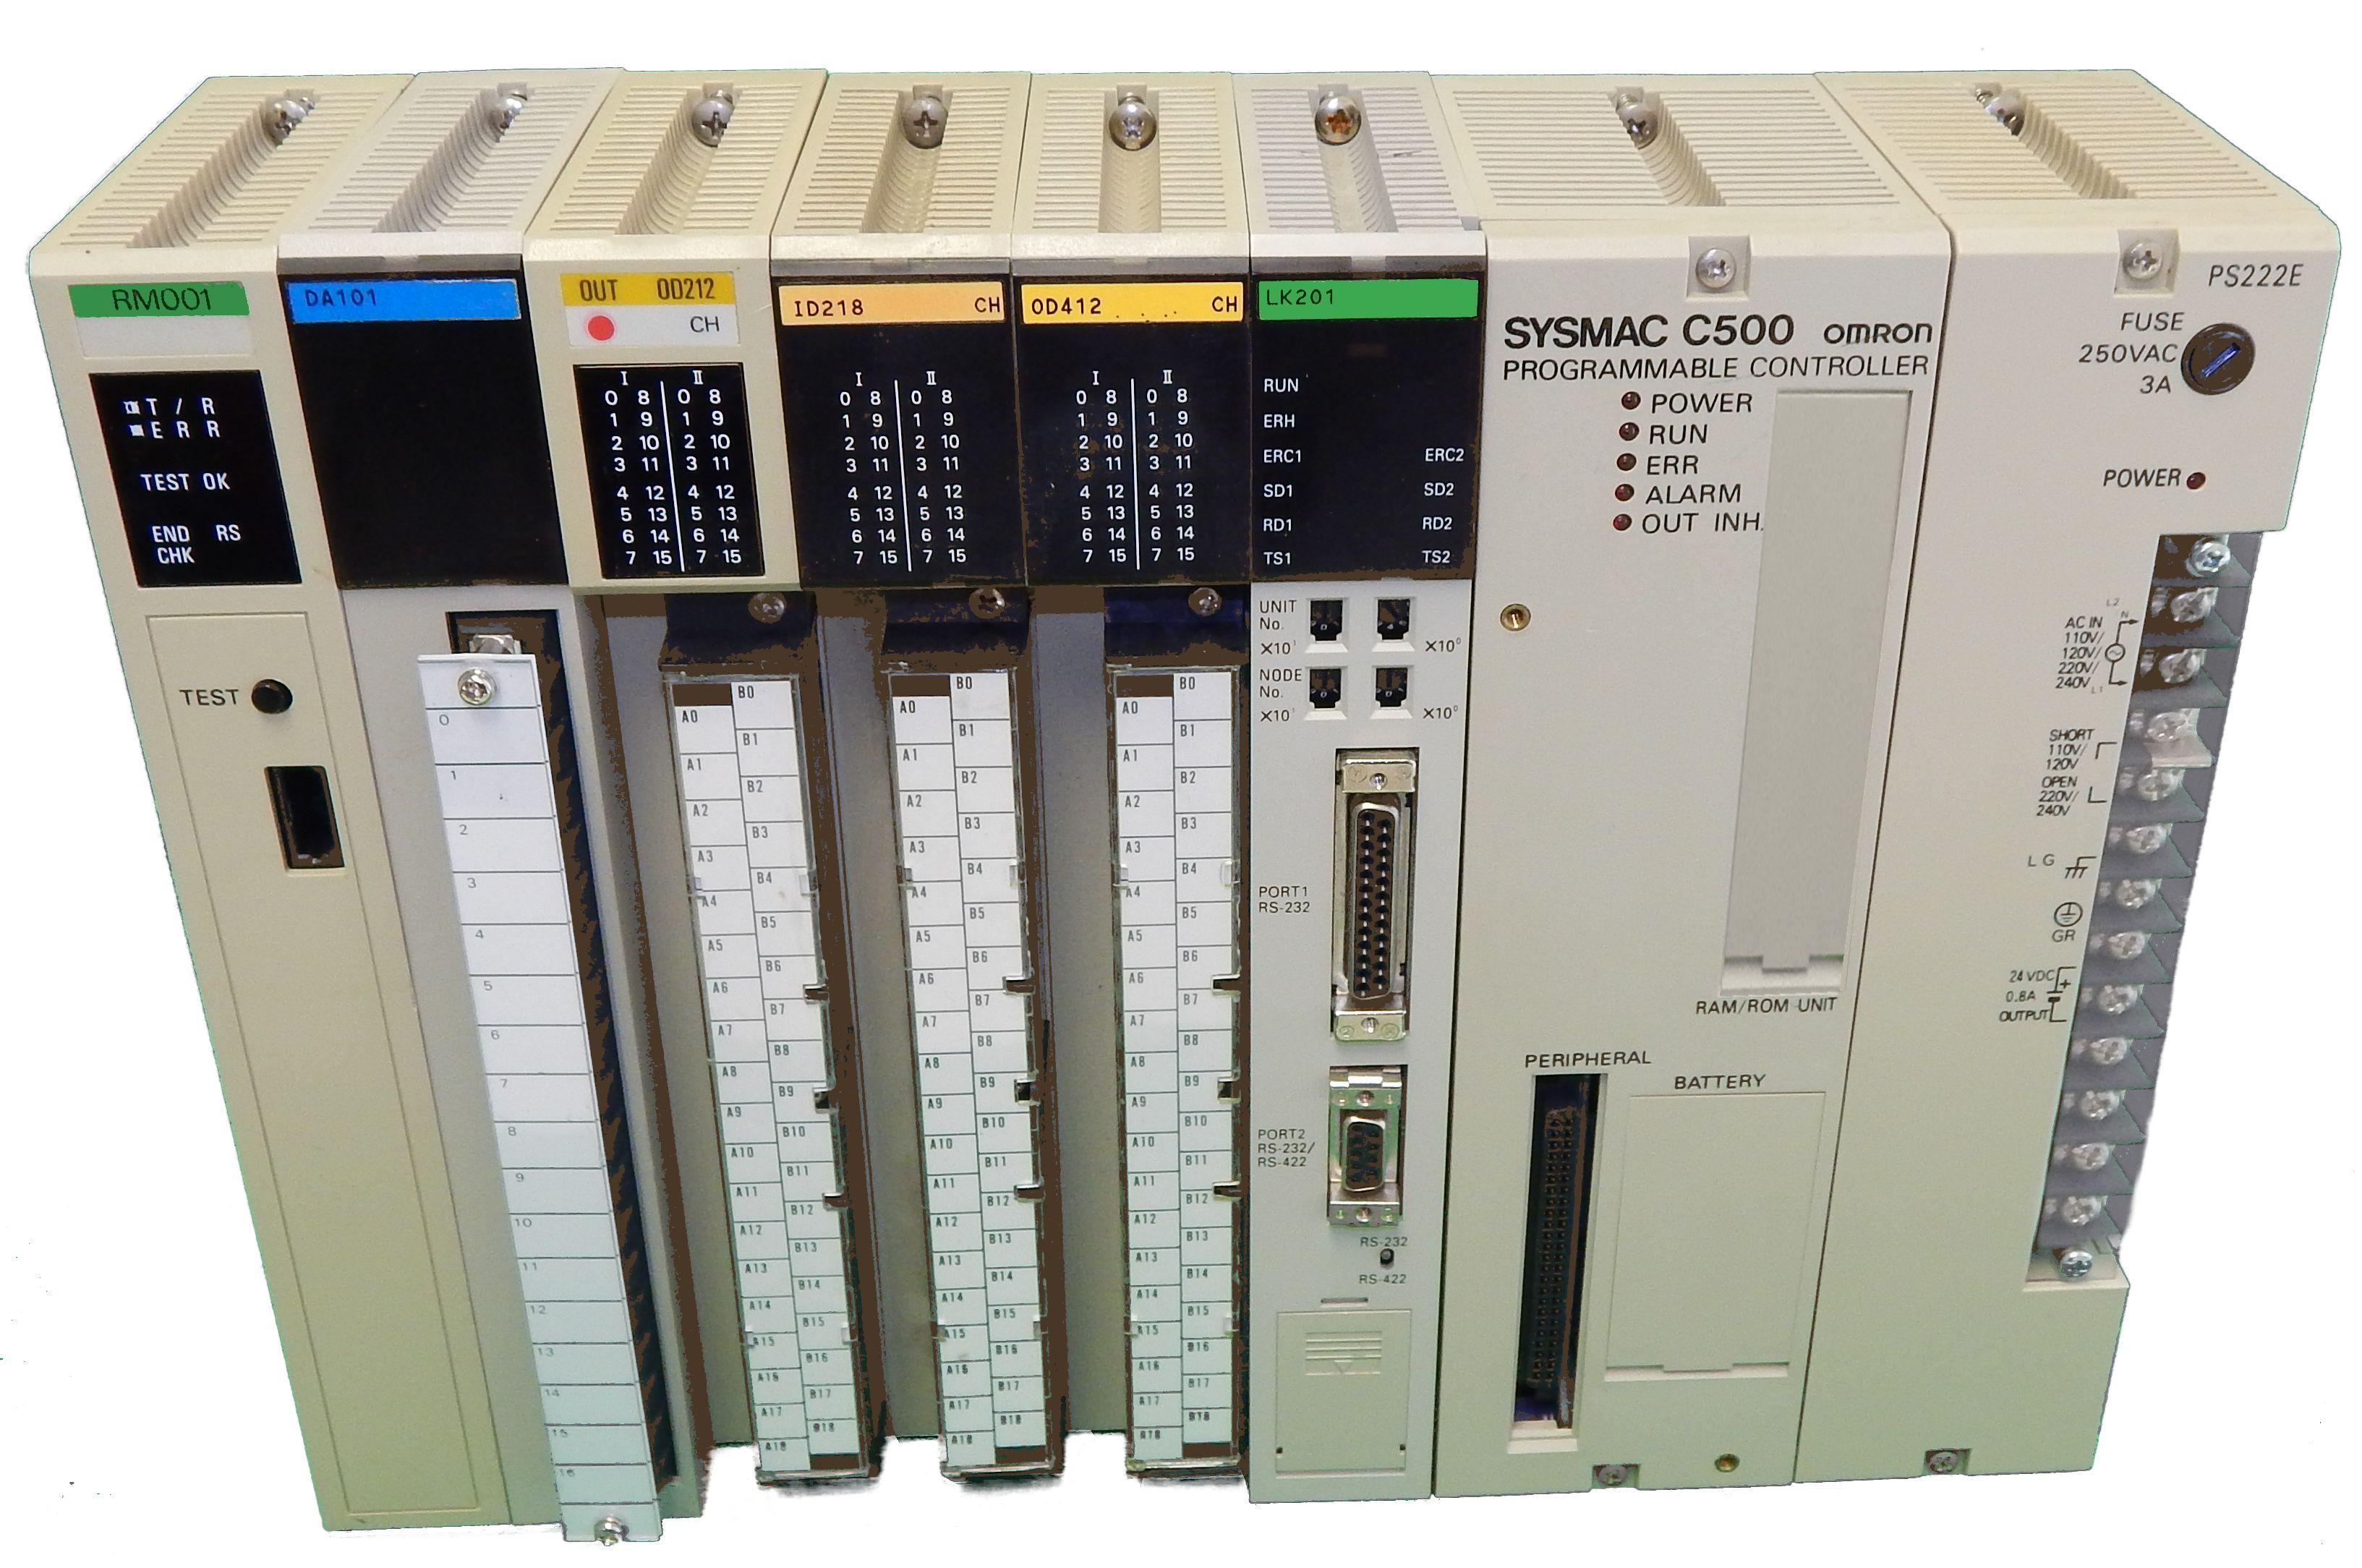 3G2A5-PS212-E